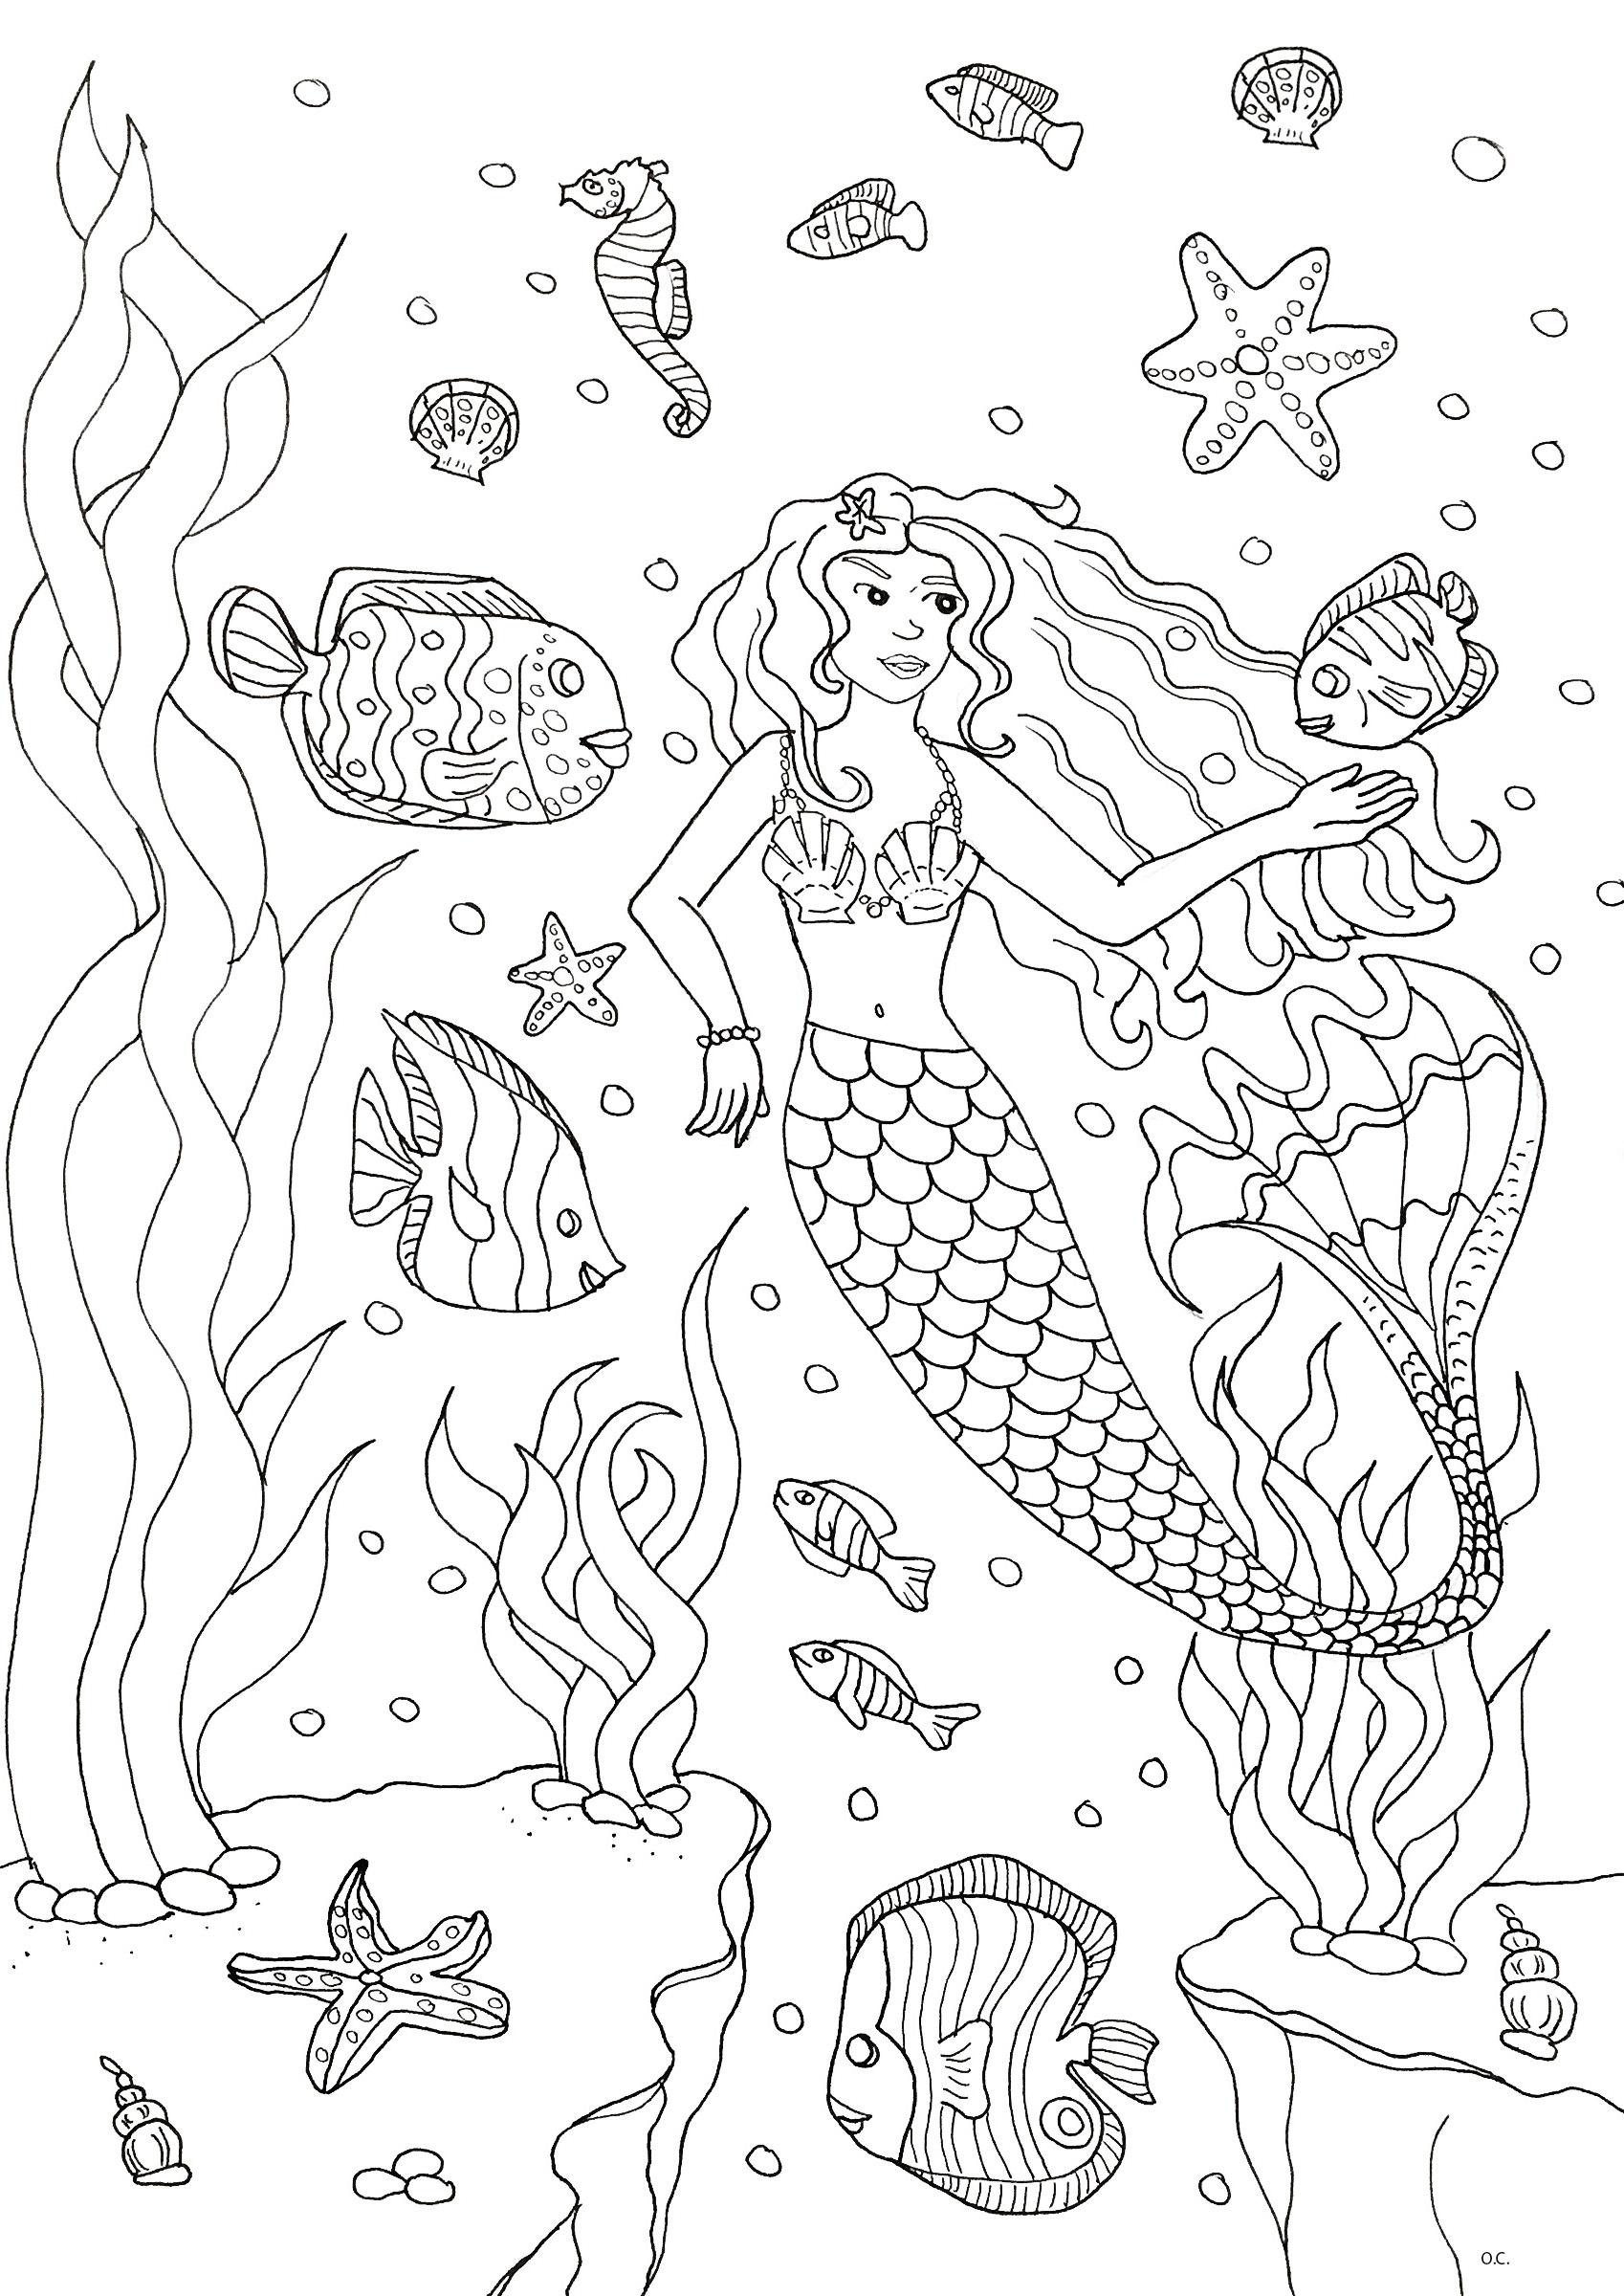 Disegni da colorare per adulti : Sirenas - 6